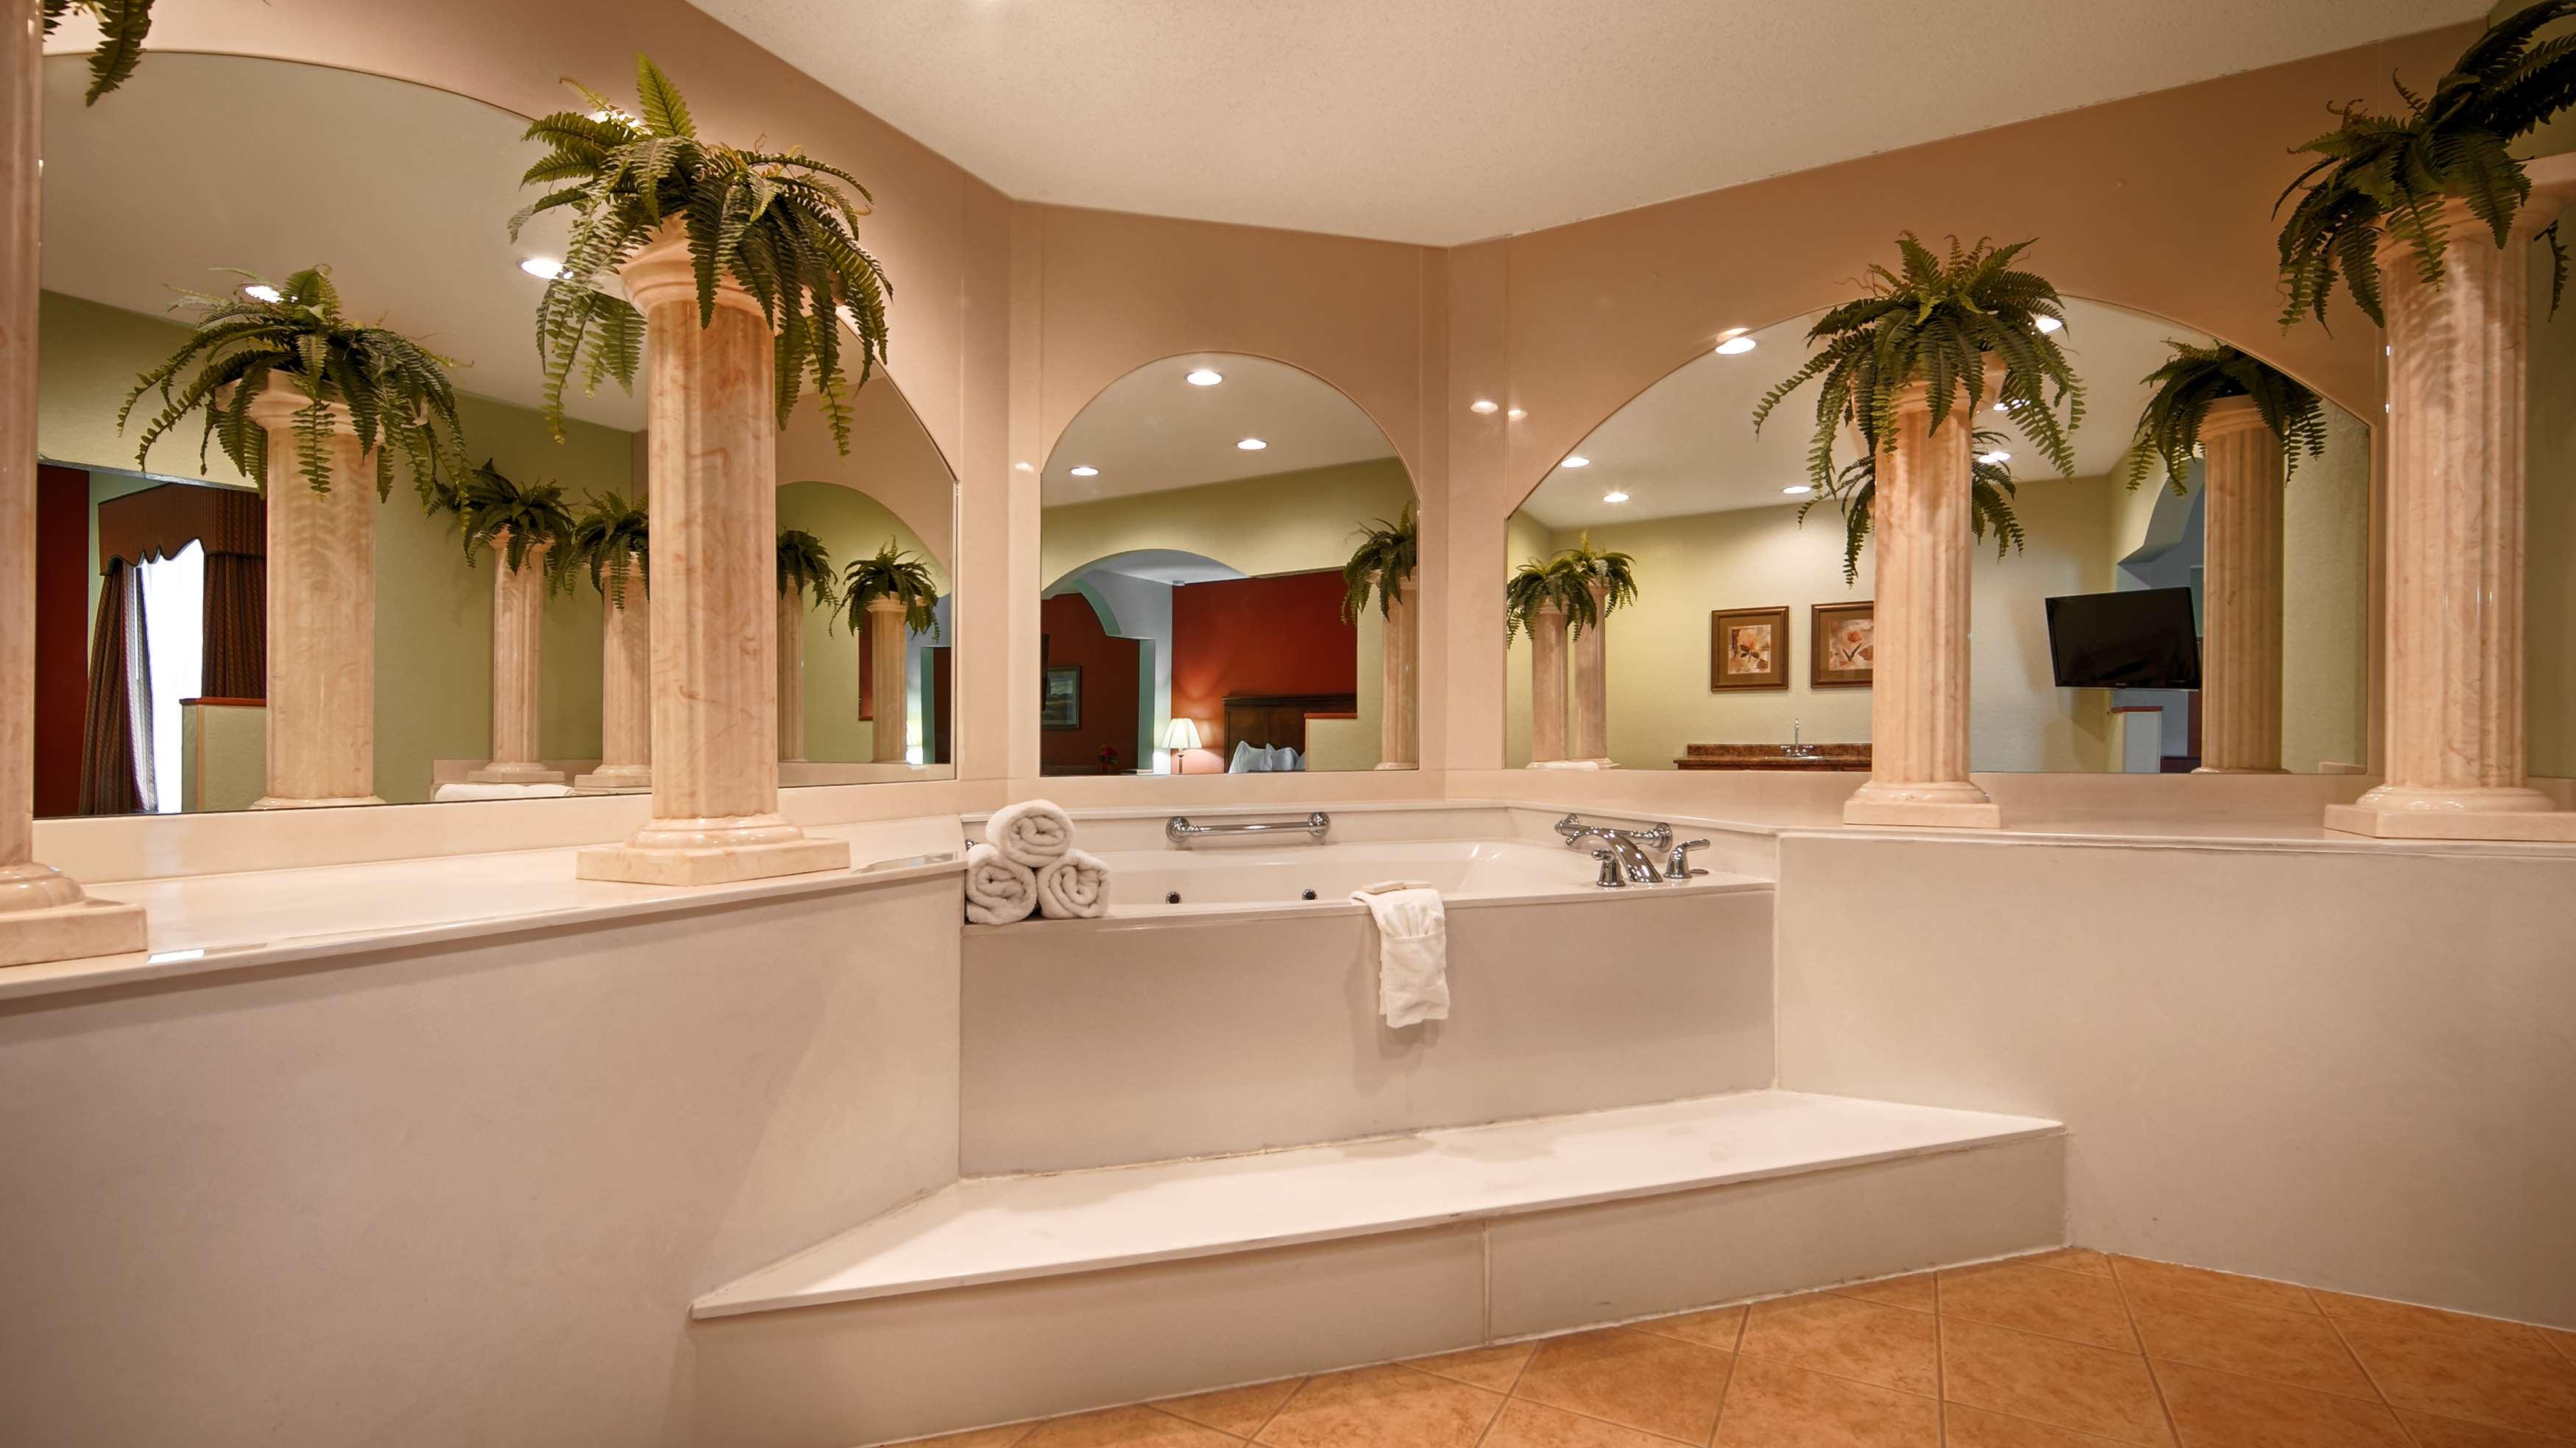 Best Western Plus Bradbury Inn & Suites image 6